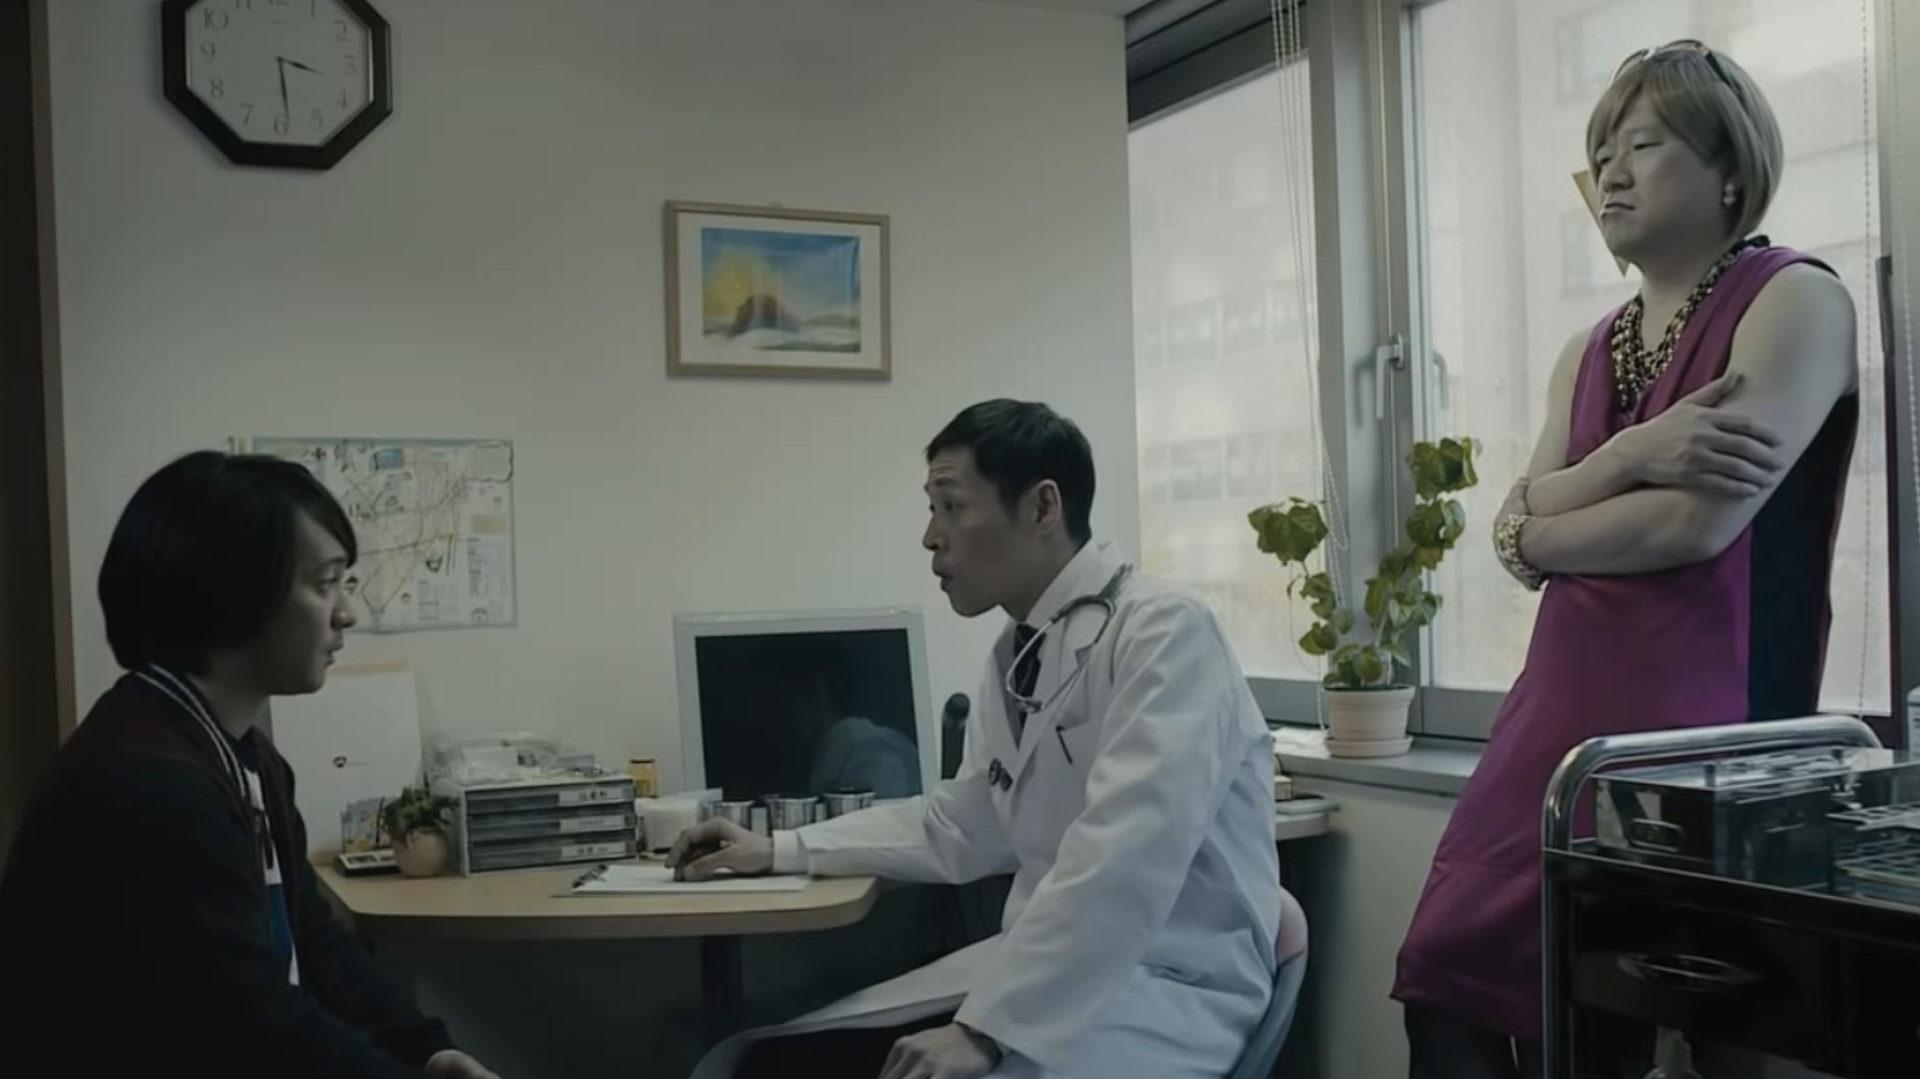 【映画】ミスフォーチュン(miss fortune)